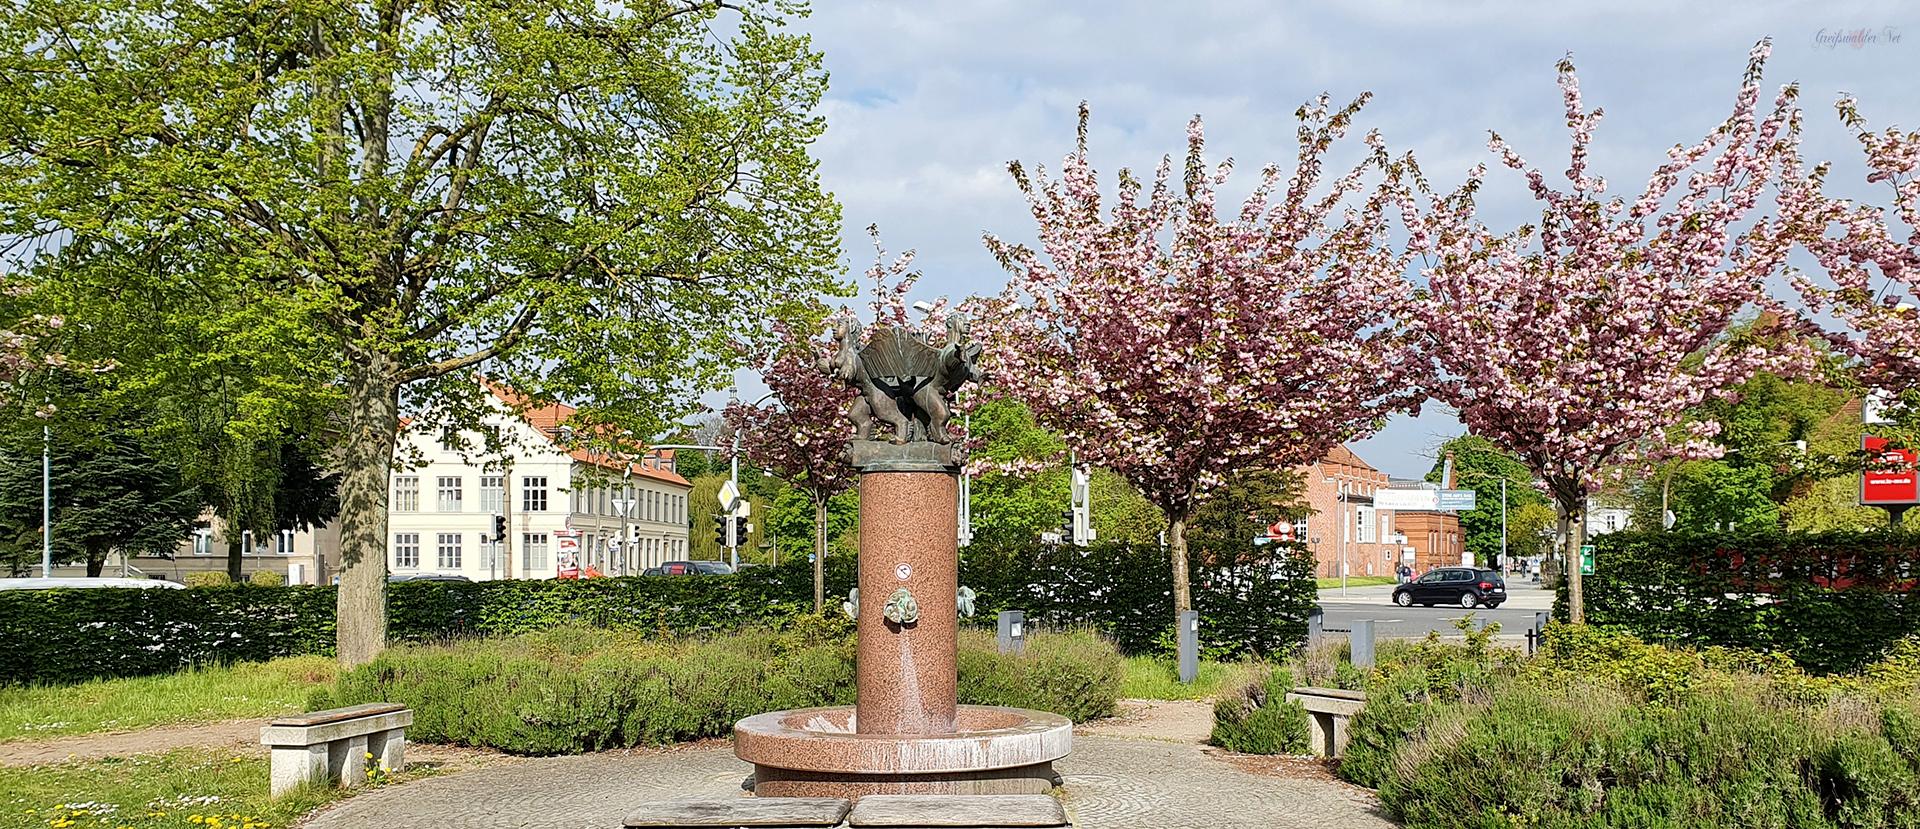 Brunnen am Theater in Greifswald